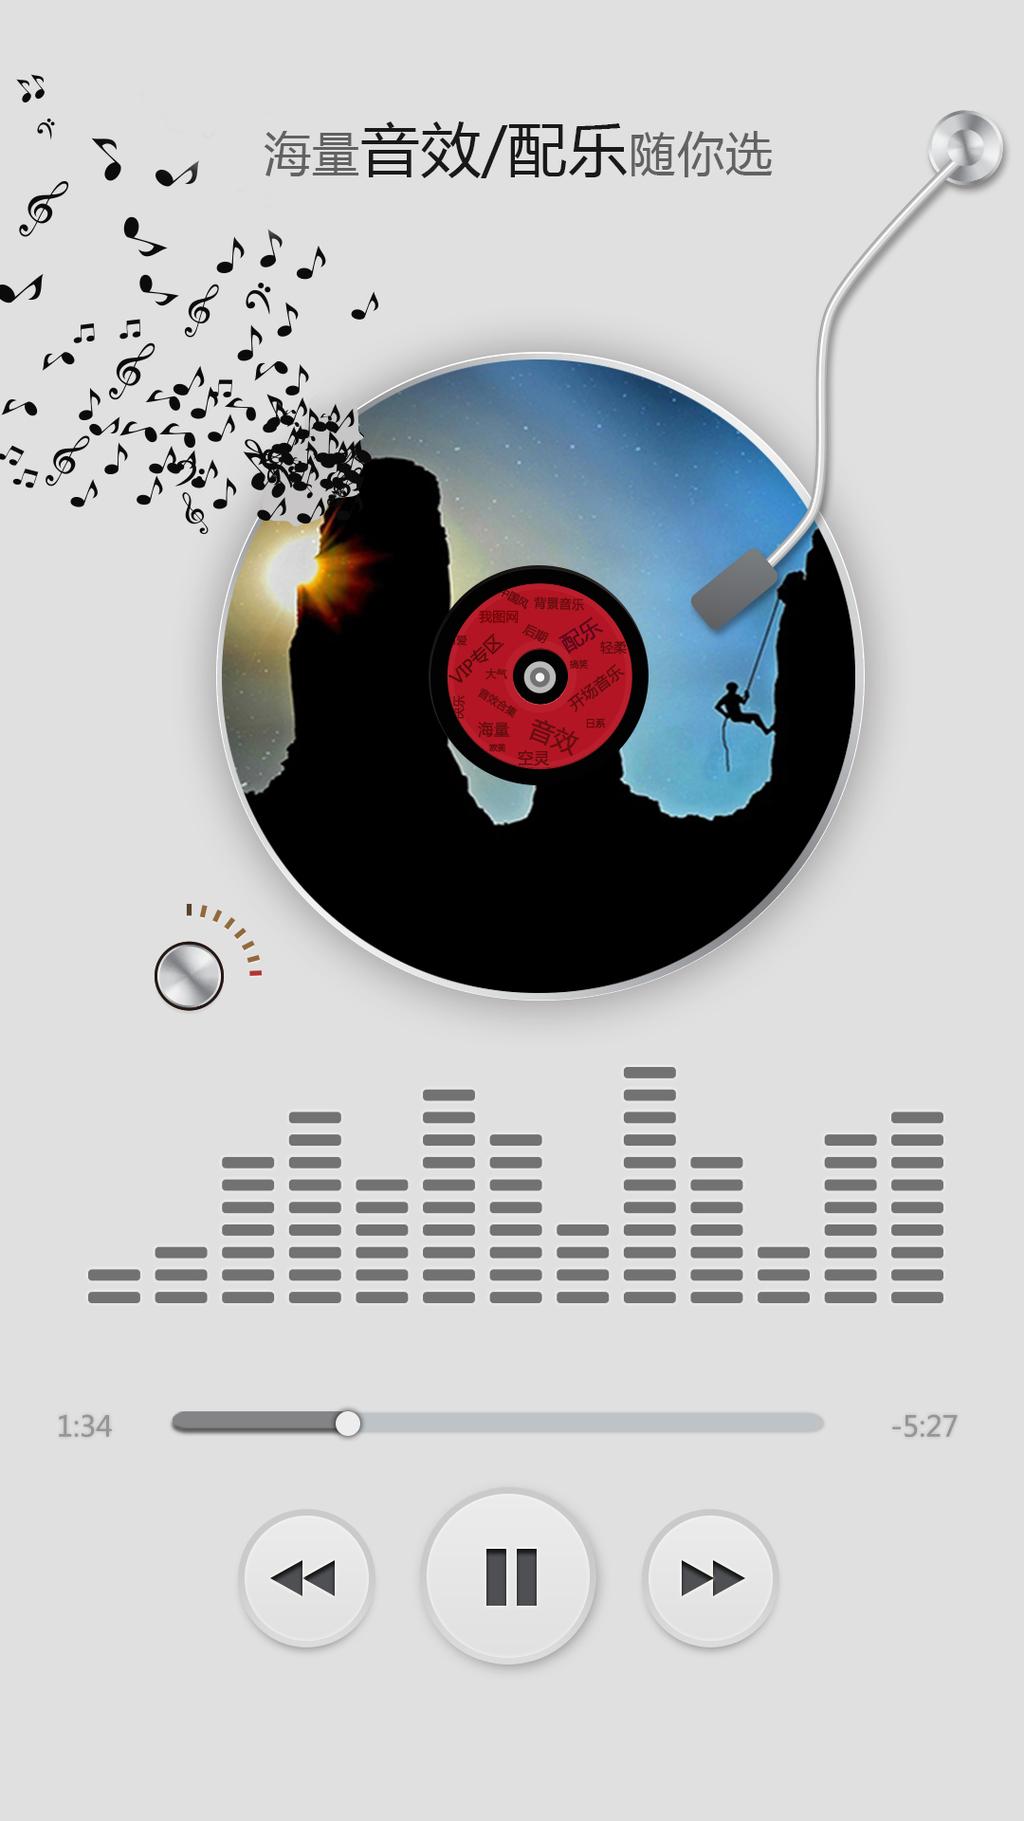 鼓舞人心 激励前进的背景素材音图片设计 高清其他模板下载 5.77MB